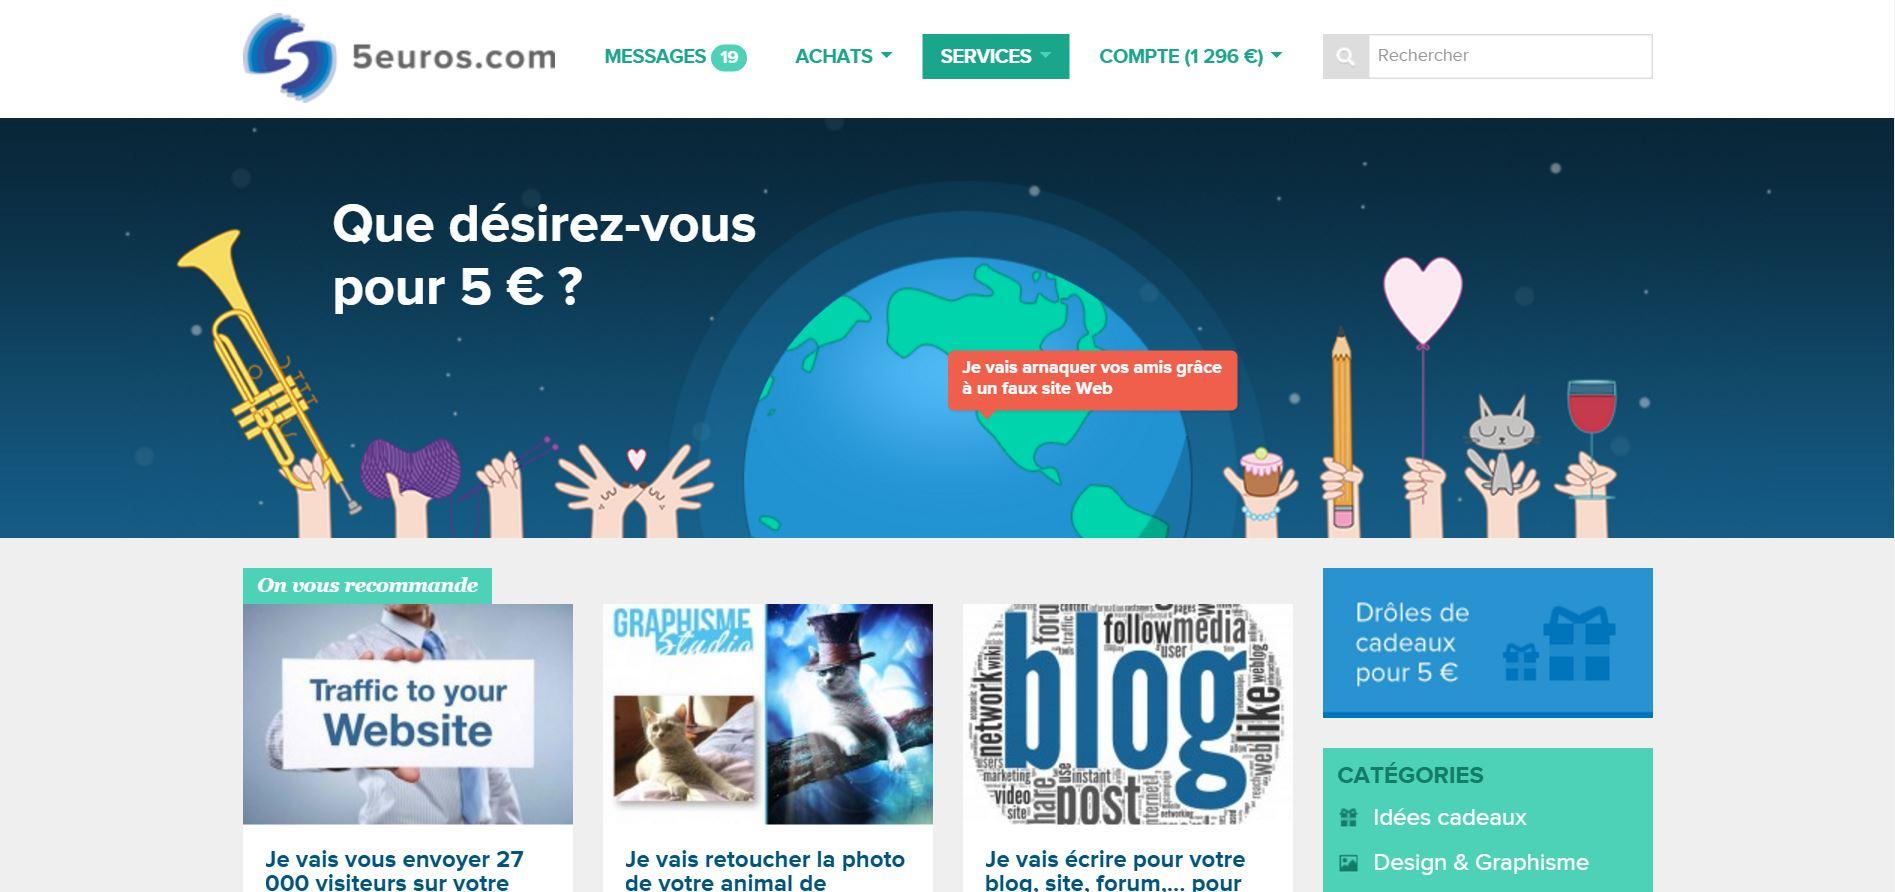 Gagner de l'argent sur Internet avec 5euros.com